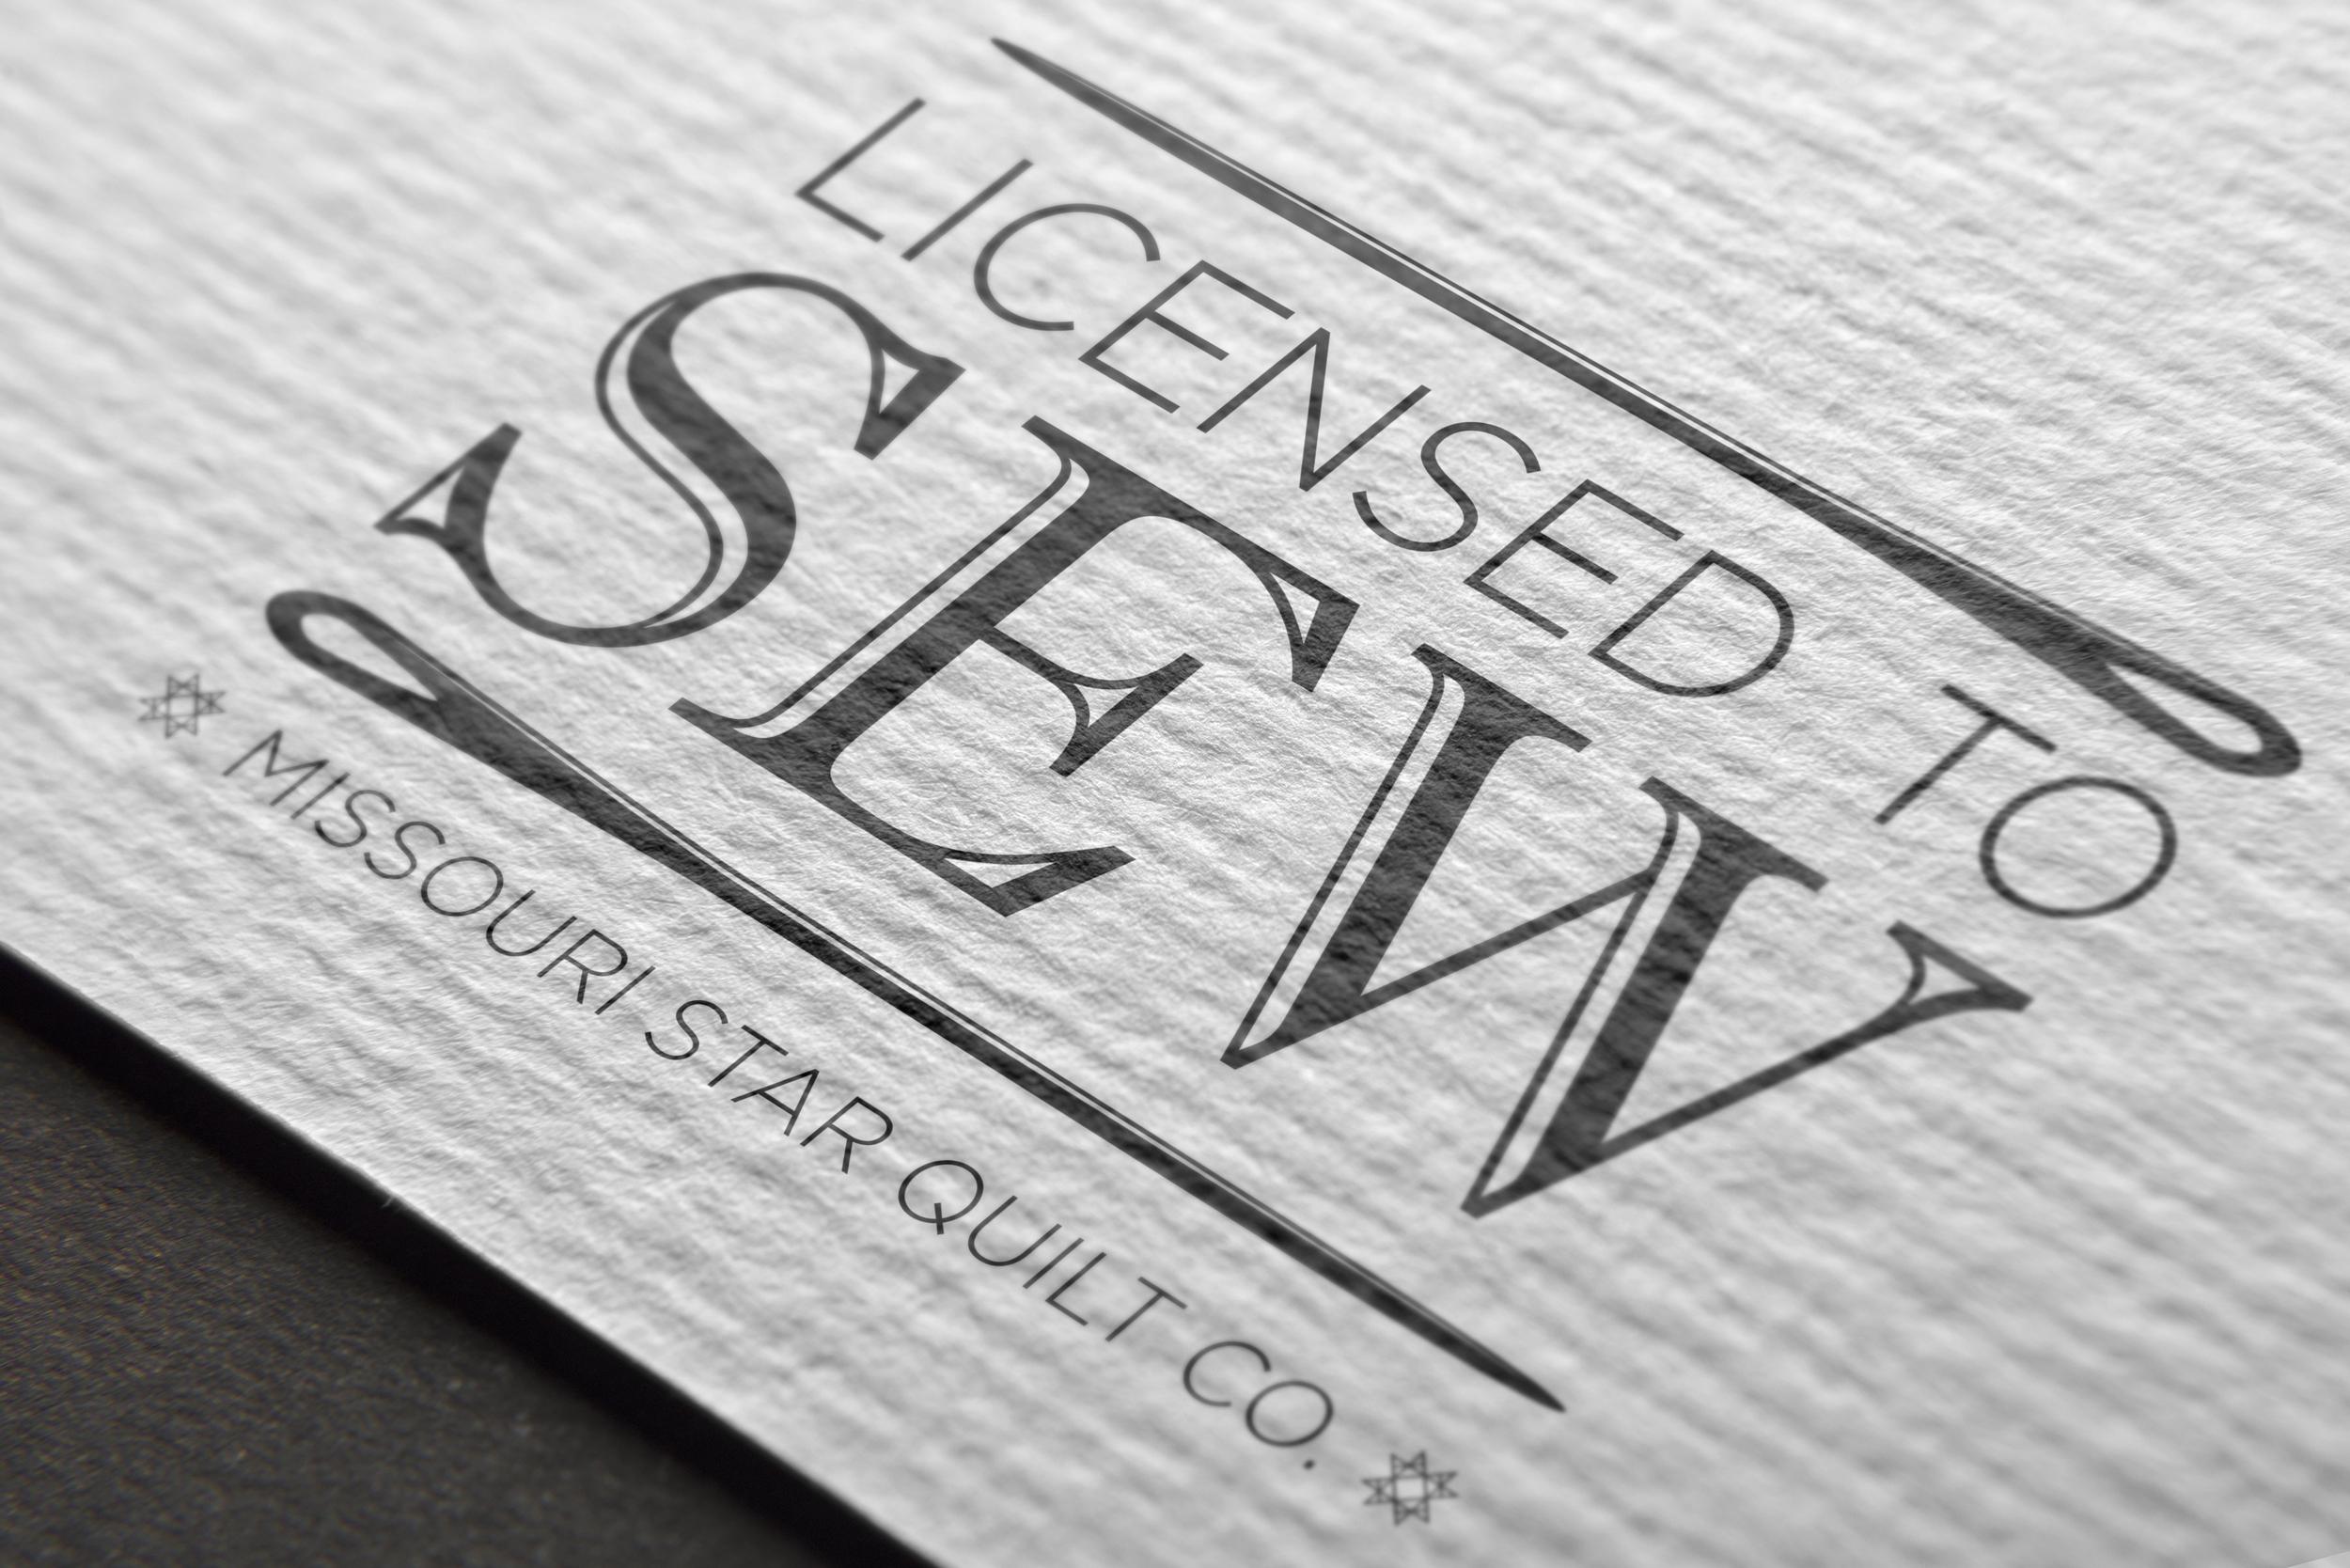 sew-logo2.jpg